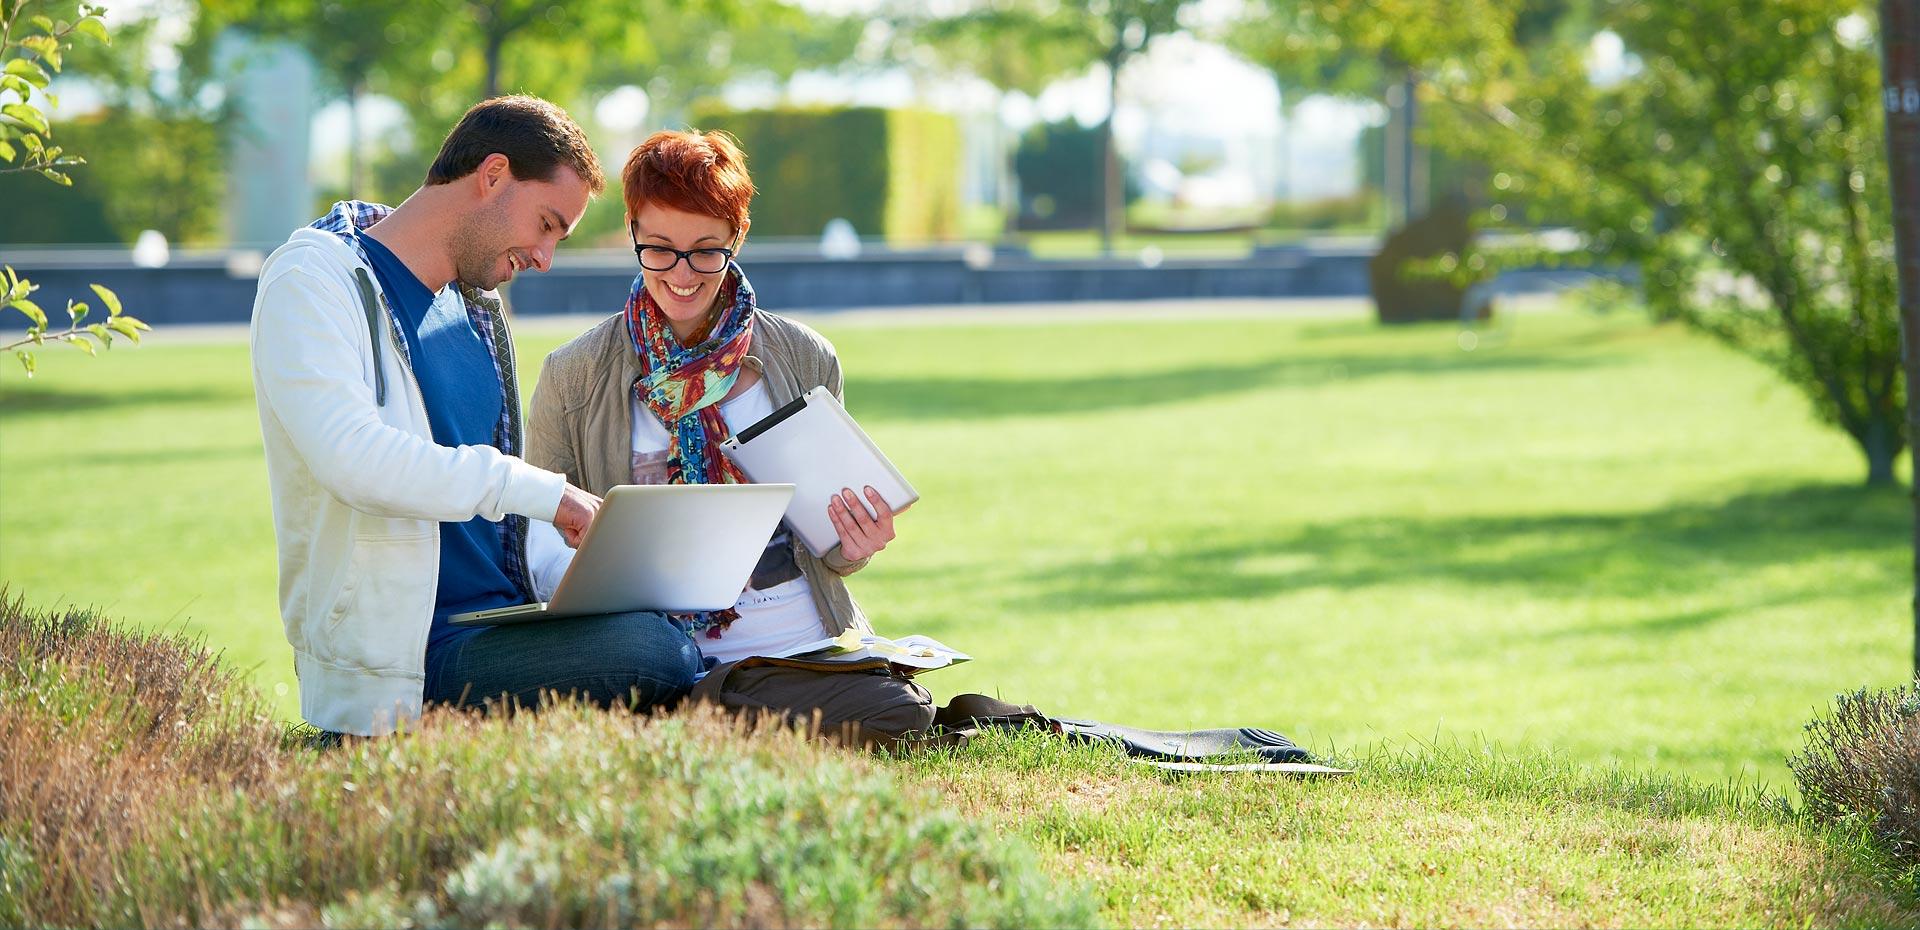 Ein junger Mann und eine junge Frau, die bei schönem Frühlingswetter draußen mit einem Laptop arbeiten